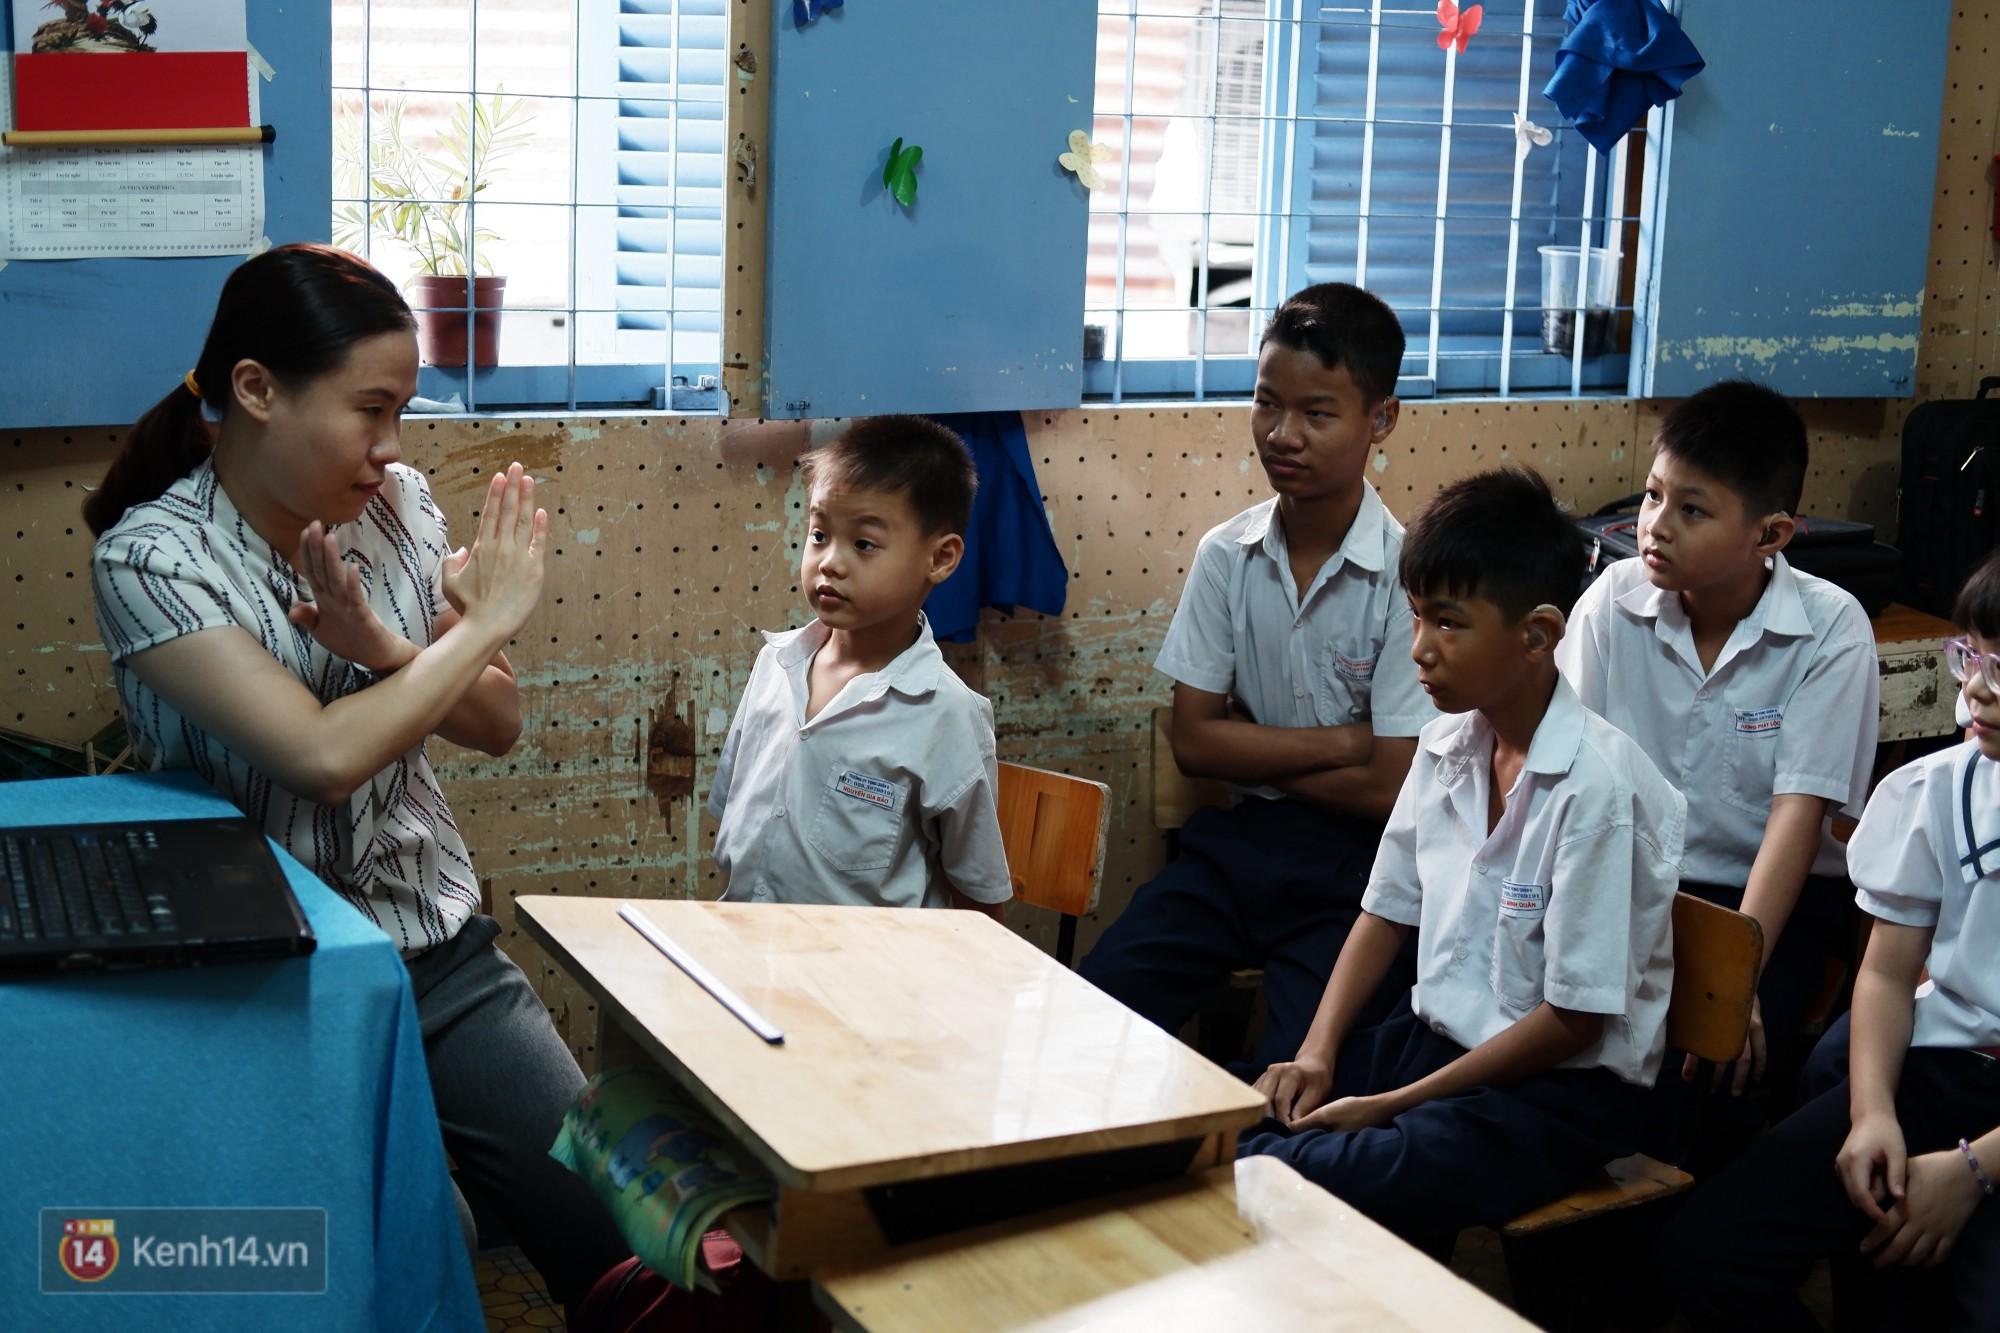 Lớp học thinh lặng giữa Sài Gòn: Không tiếng giảng bài không lời phát biểu, nhưng không tắt hy vọng bao giờ - Ảnh 4.